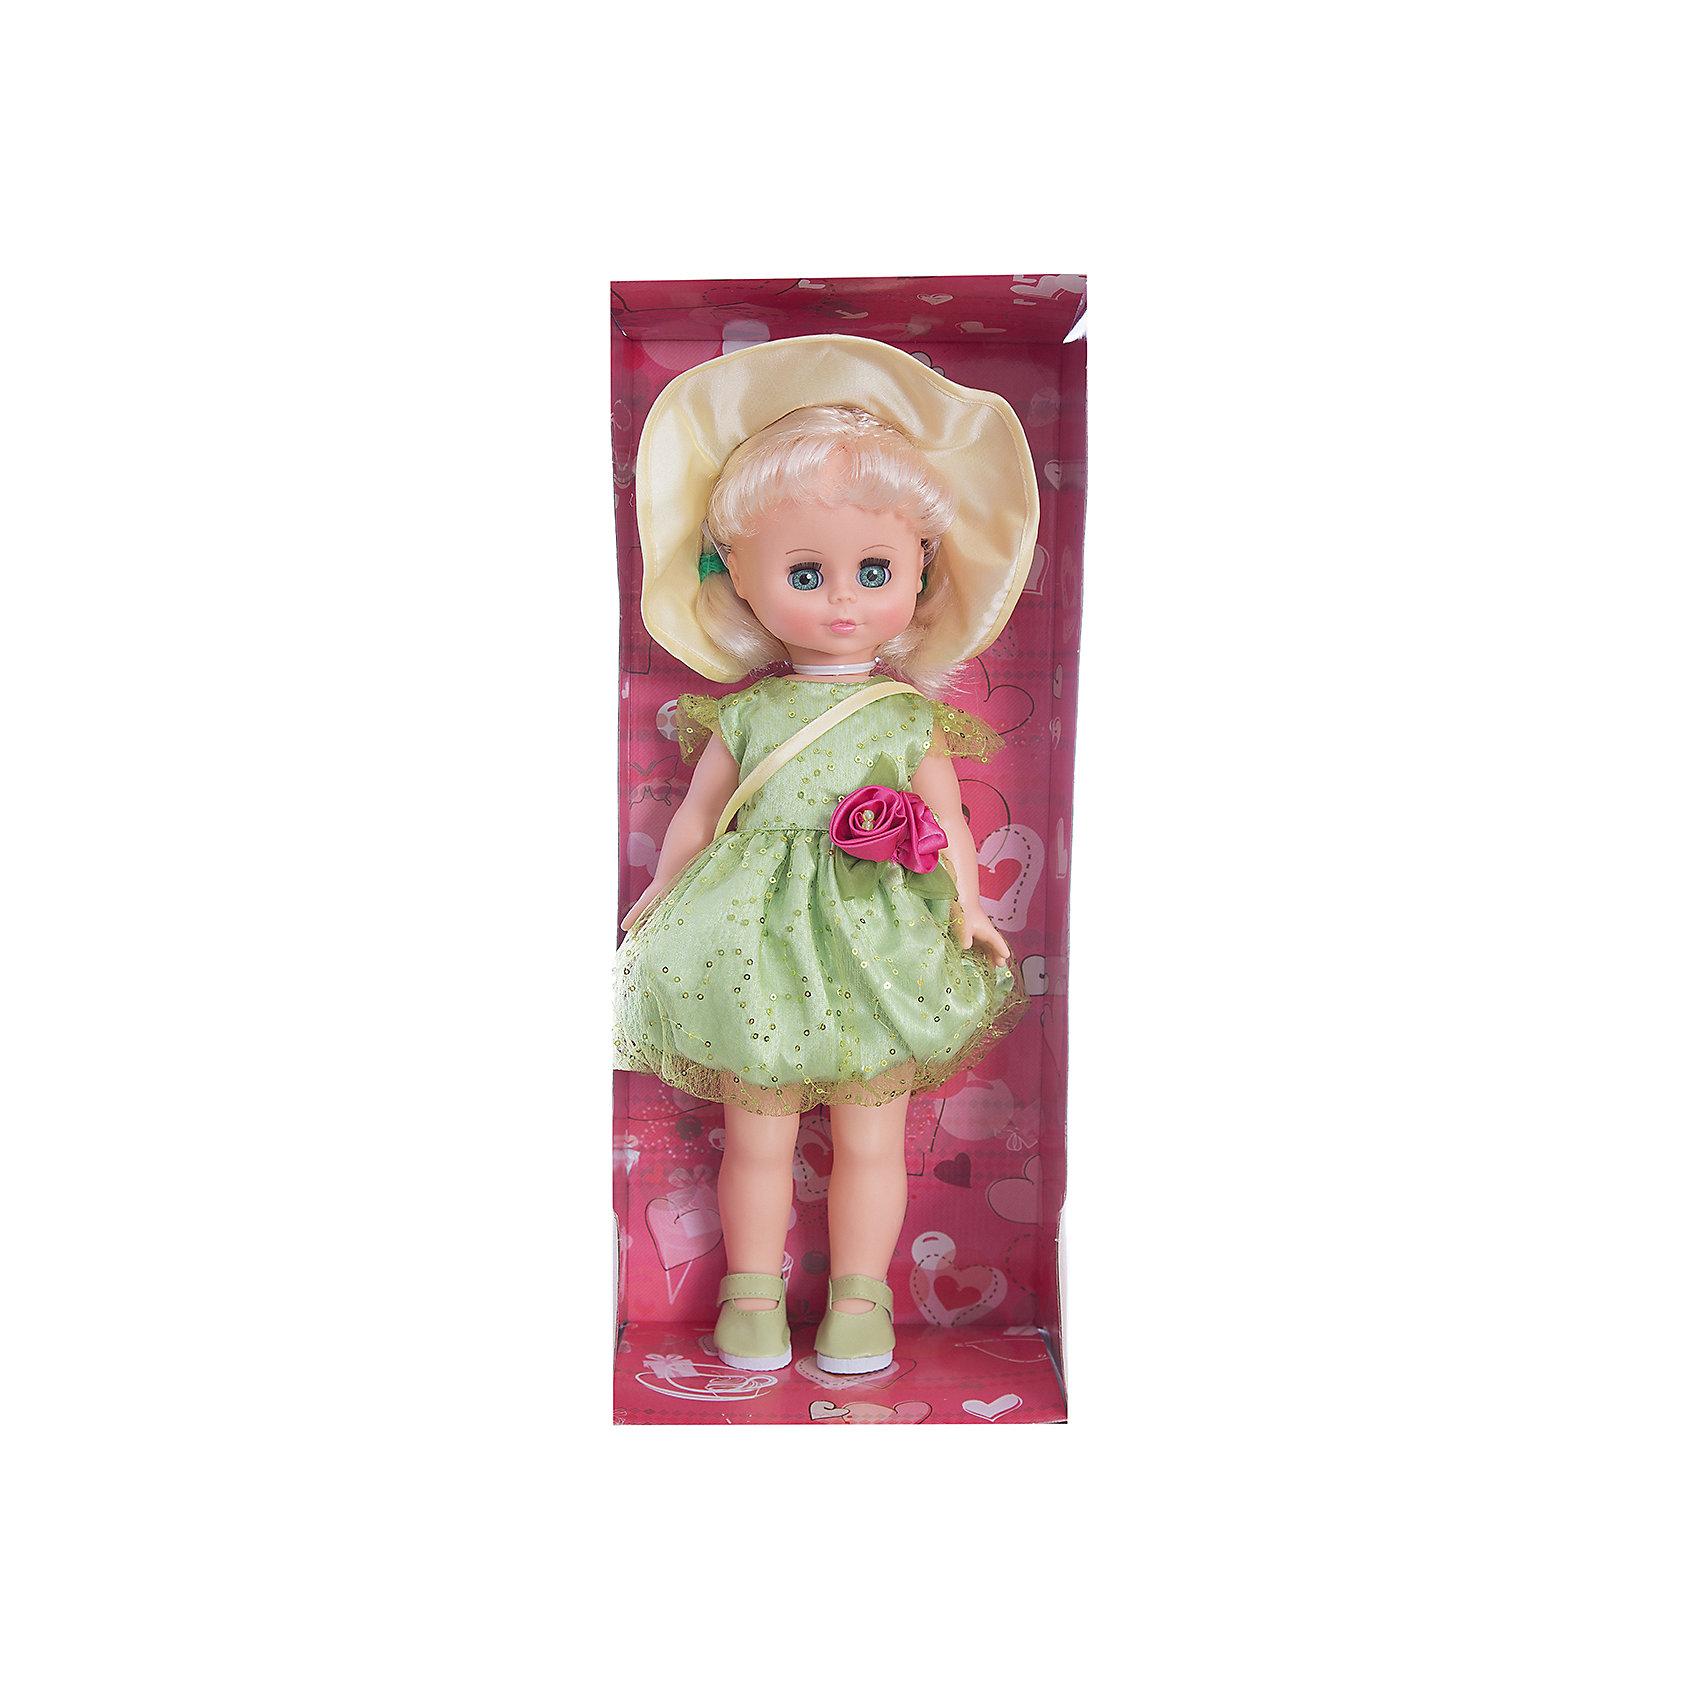 Кукла Оля 11, со звуком, ВеснаКлассические куклы<br>Кукла для девочки - это не только игрушка, с которой можно весело провести время, кукла - это возможность отрабатывать навыки поведения в обществе, учиться заботе о других, делать прически и одеваться согласно моде и поводу.<br>Эта красивая классическая кукла не только эффектно выглядит, она дополнена звуковым модулем! Игрушка модно одета и снабжена аксессуарами. Такая кукла запросто может стать самой любимой игрушкой! Произведена из безопасных для ребенка и качественных материалов.<br><br>Дополнительная информация:<br><br>цвет: разноцветный;<br>материал: пластик, текстиль;<br>комплектация: кукла, одежда, аксессуары;<br>высота: 43 см.<br><br>Куклу Оля 11, со звуком, от компании Весна можно купить в нашем магазине.<br><br>Ширина мм: 440<br>Глубина мм: 240<br>Высота мм: 440<br>Вес г: 750<br>Возраст от месяцев: 36<br>Возраст до месяцев: 120<br>Пол: Женский<br>Возраст: Детский<br>SKU: 4642026